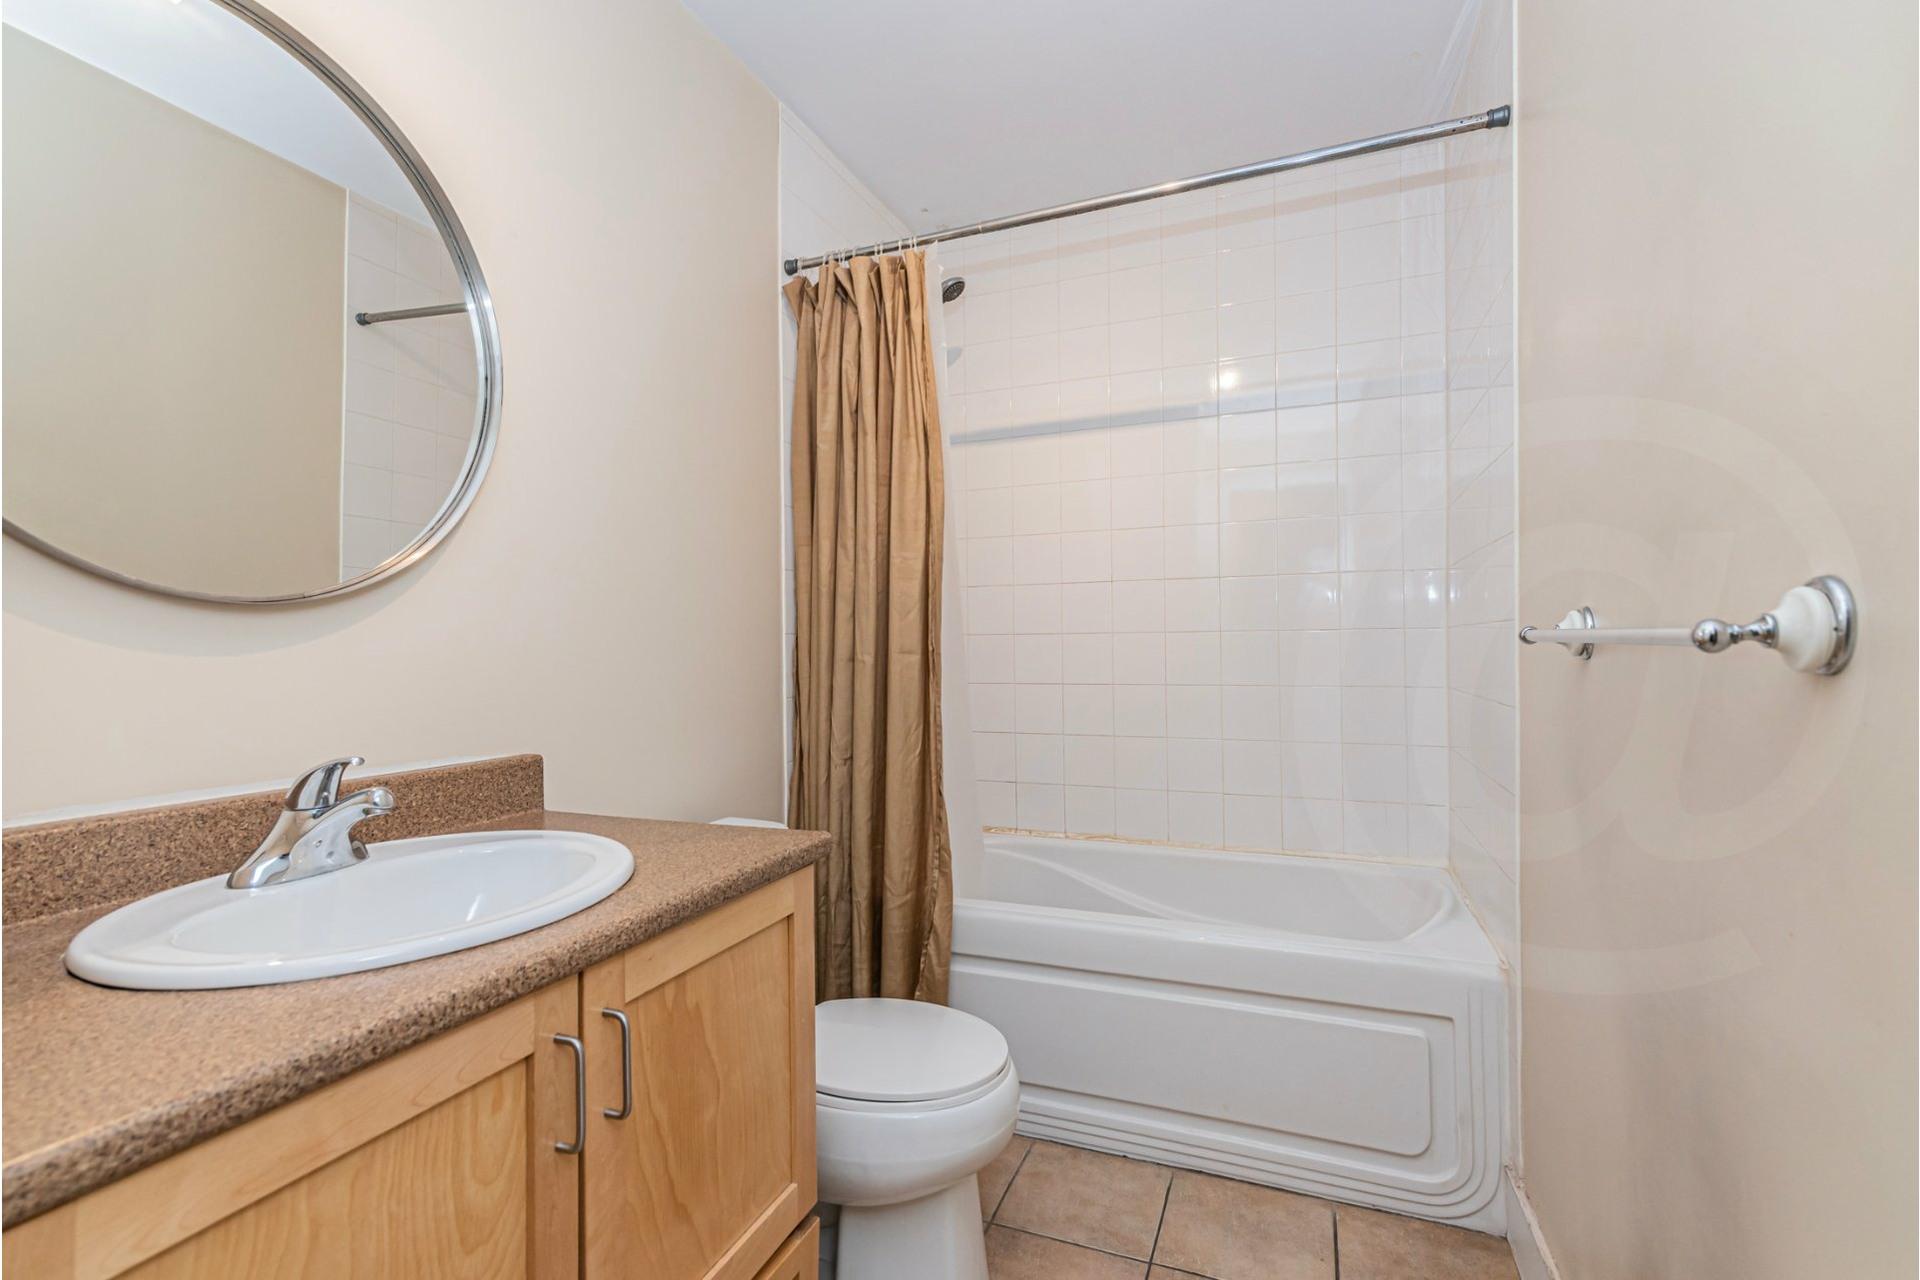 image 4 - Appartement À vendre Lachine Montréal  - 4 pièces